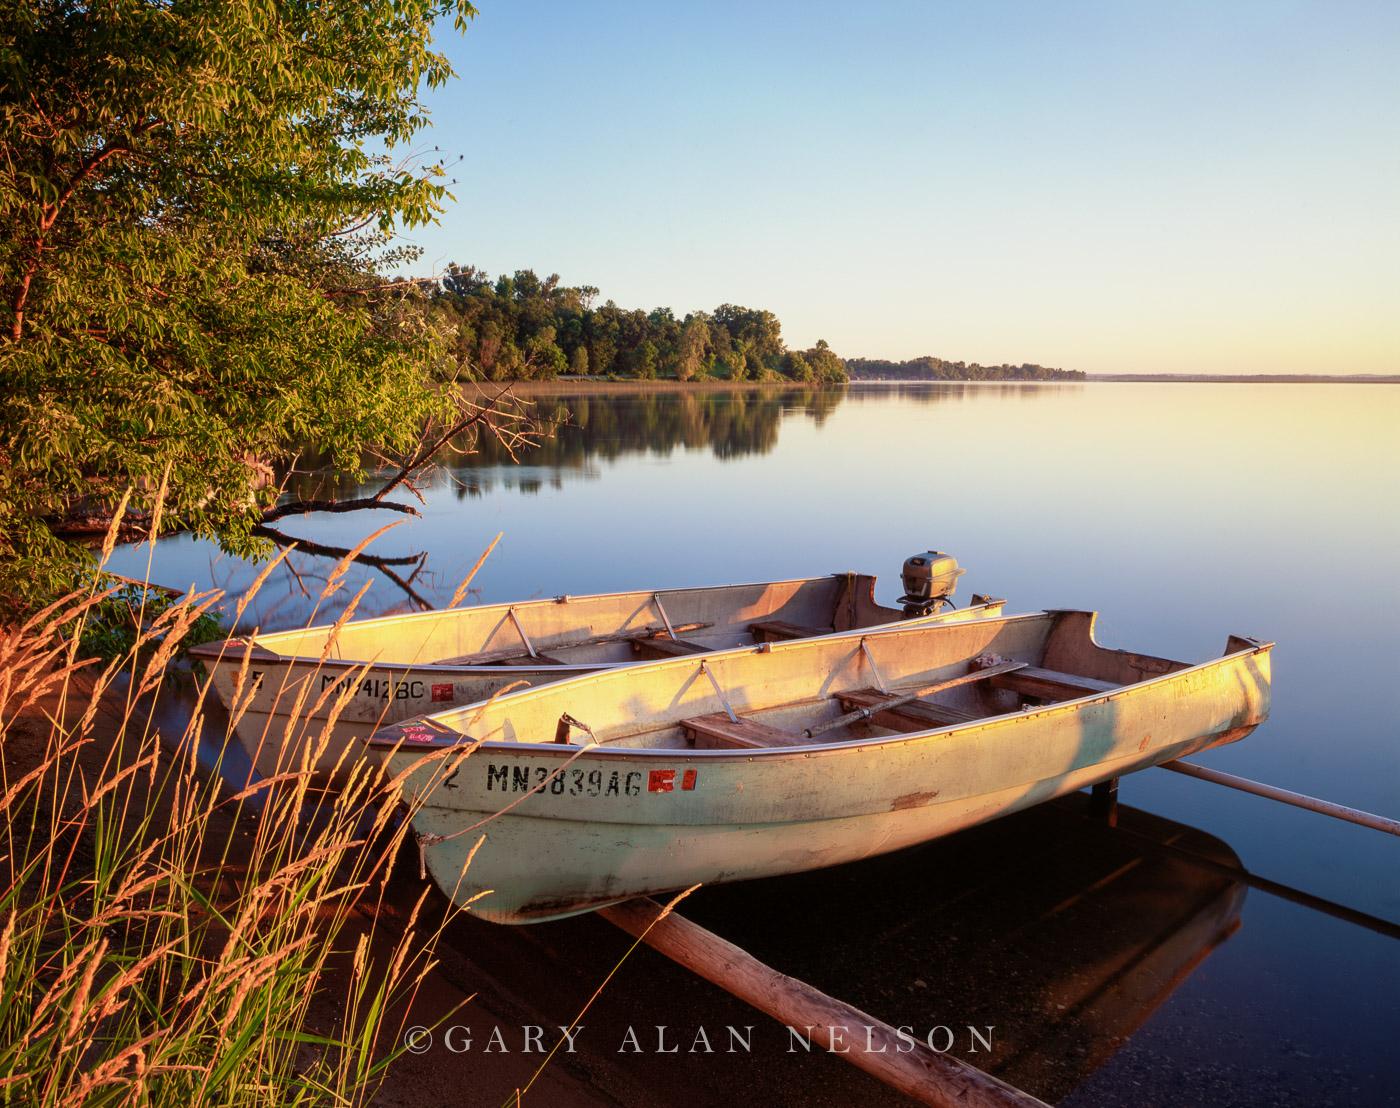 minnesota, boats, lake, photo